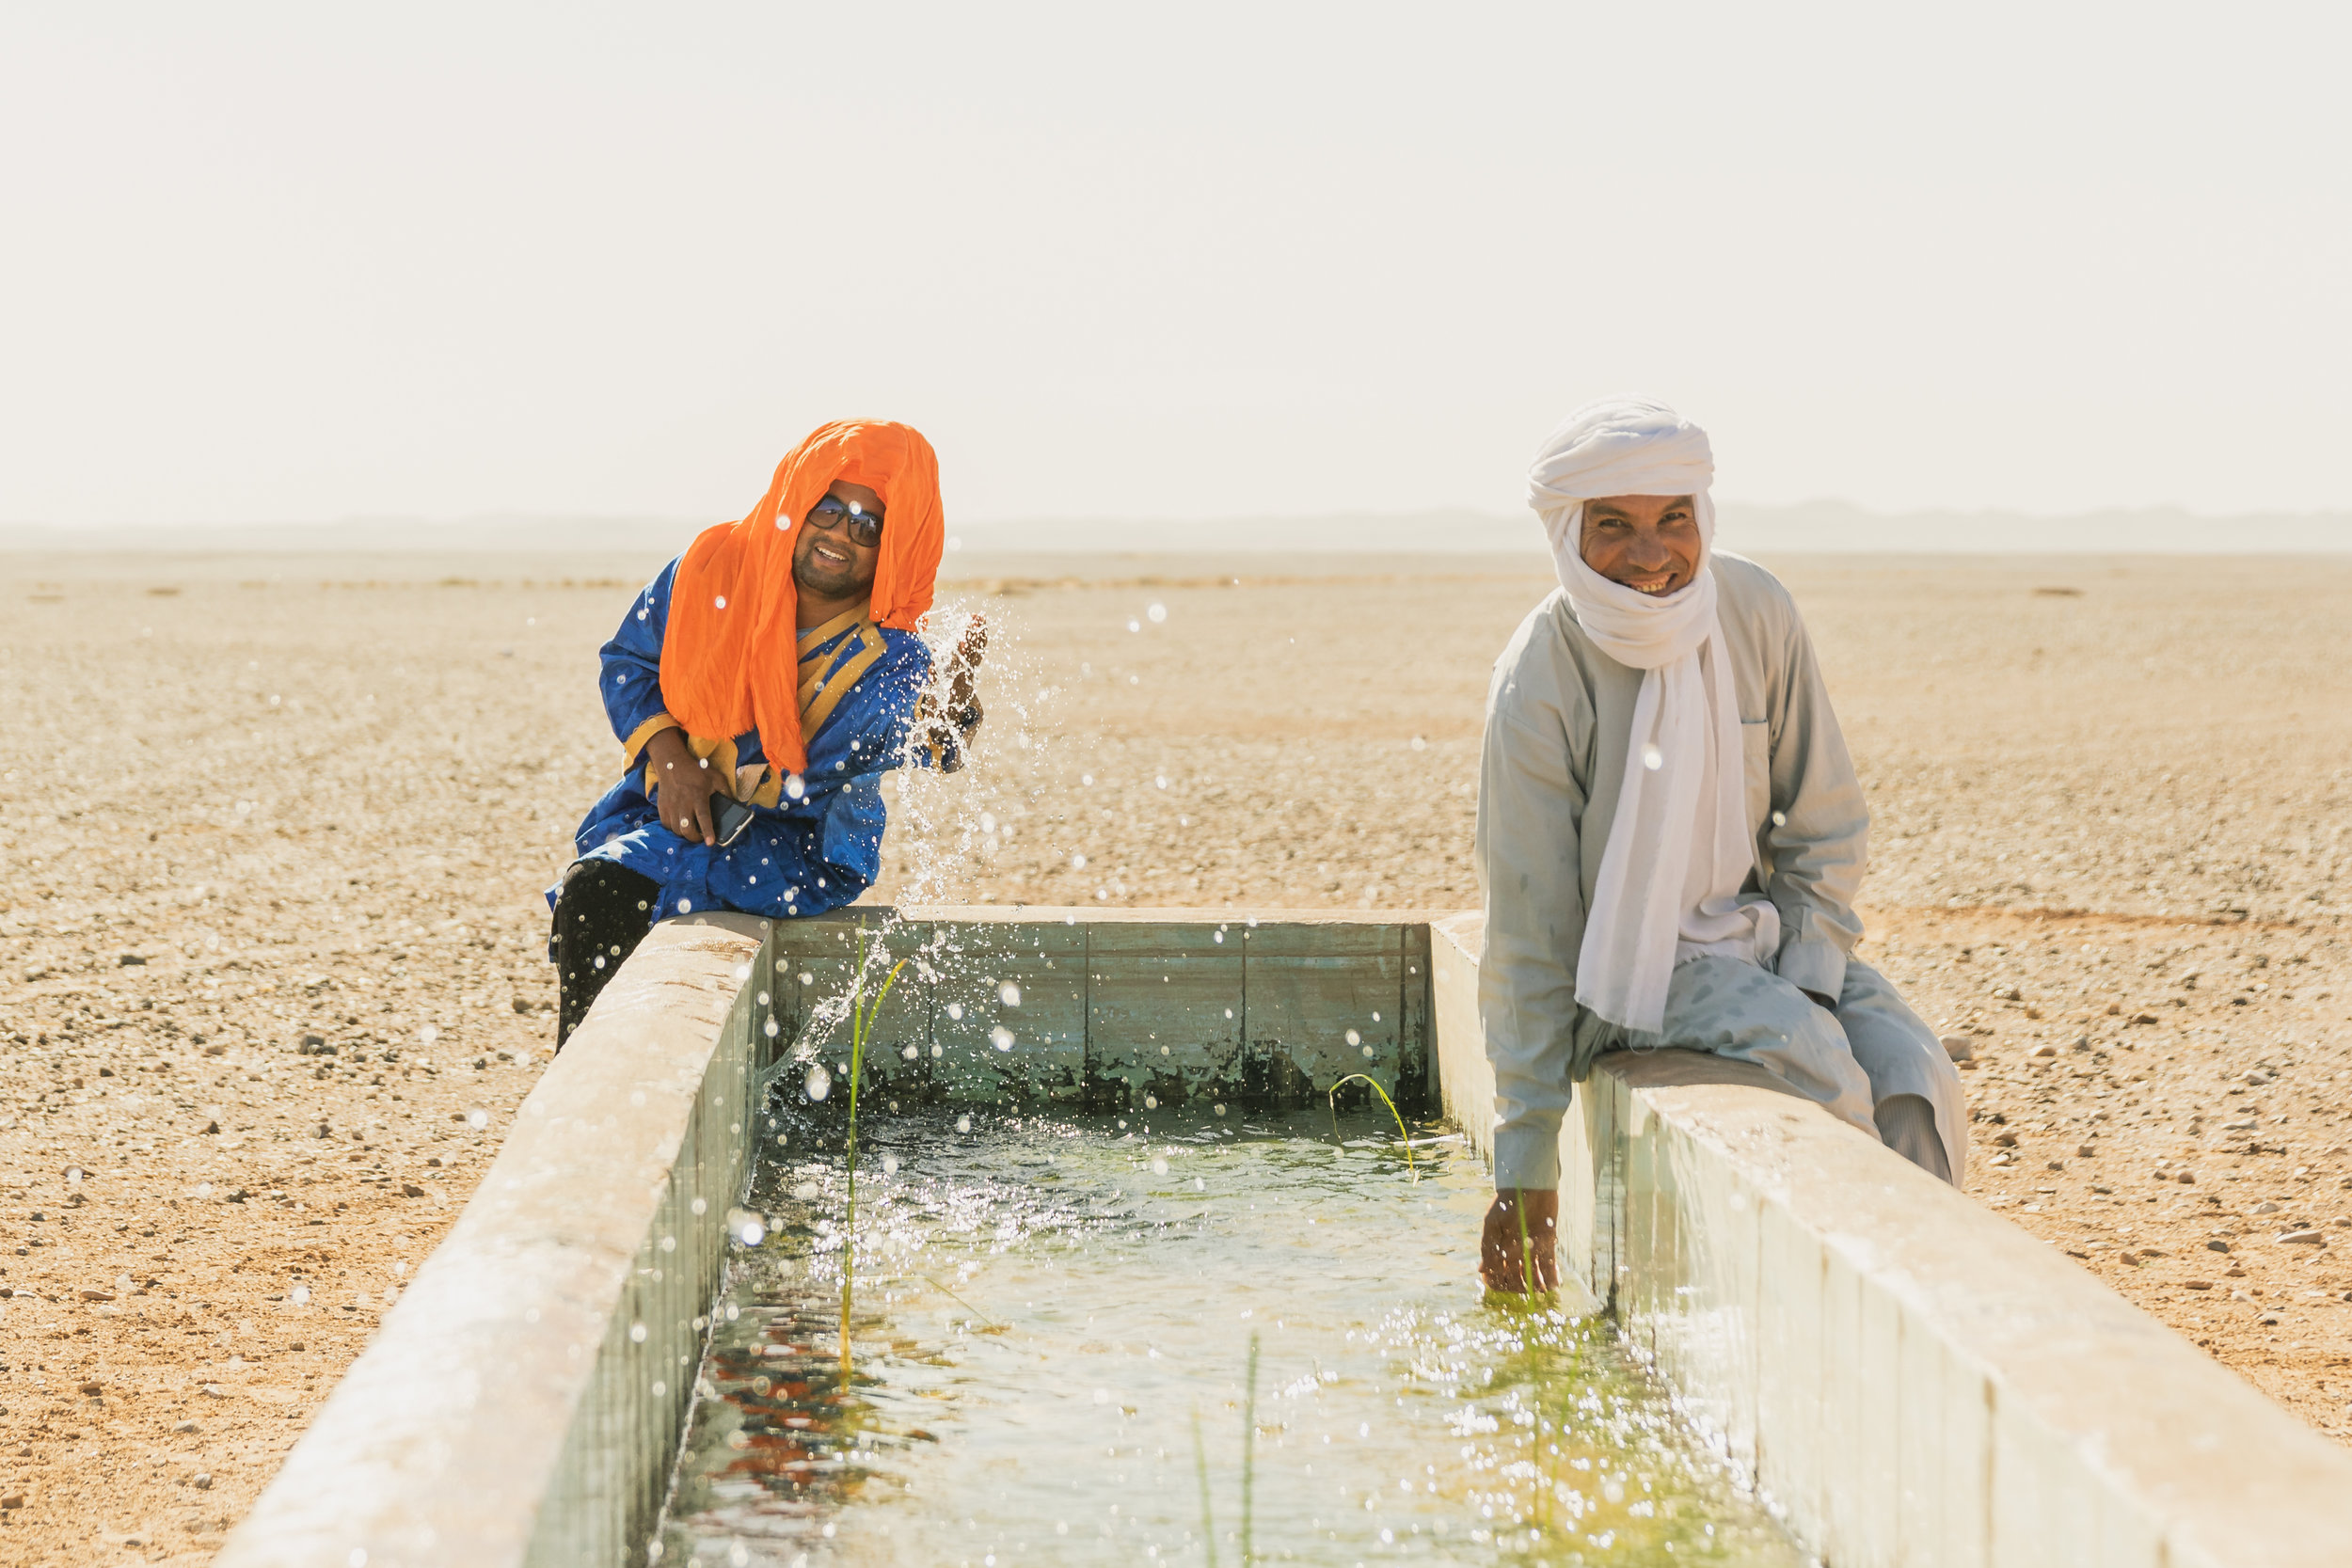 two moroccan tour guides splashing water in the Sahara desert